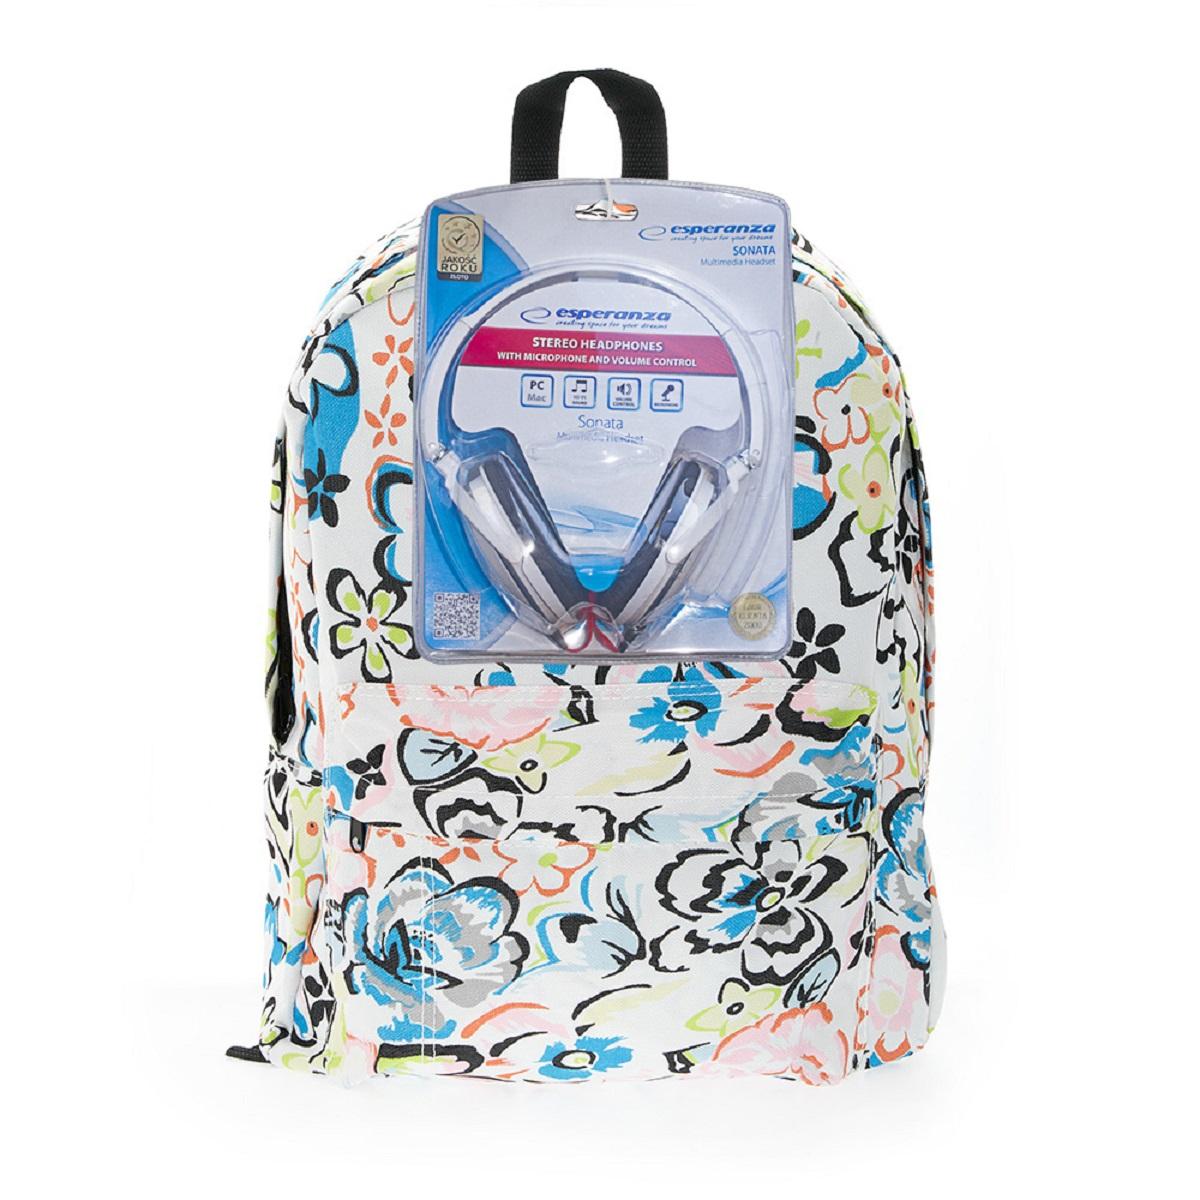 Рюкзак городской 3D Bags Цветы, 16 л + ПОДАРОК: Наушники3DBC409NСтильный, вместительный и практичный, рюкзак понравится и школьникам, и студентам. Просторный внутренний отсек, наружний карман на молнии будут очень удобны в использовании. В комплект входят белые стереонаушники с мягкими ушными подушками. Длина кабеля 2м, разъем 3,5мм, сопротивление 32 Ом, диапазон часто - 20 Гц-20000 Гц, выходная мощность - 100 мВт.Наушники поставляются в цветовом ассортименте. Поставка осуществляется в зависимости от наличия на складе.